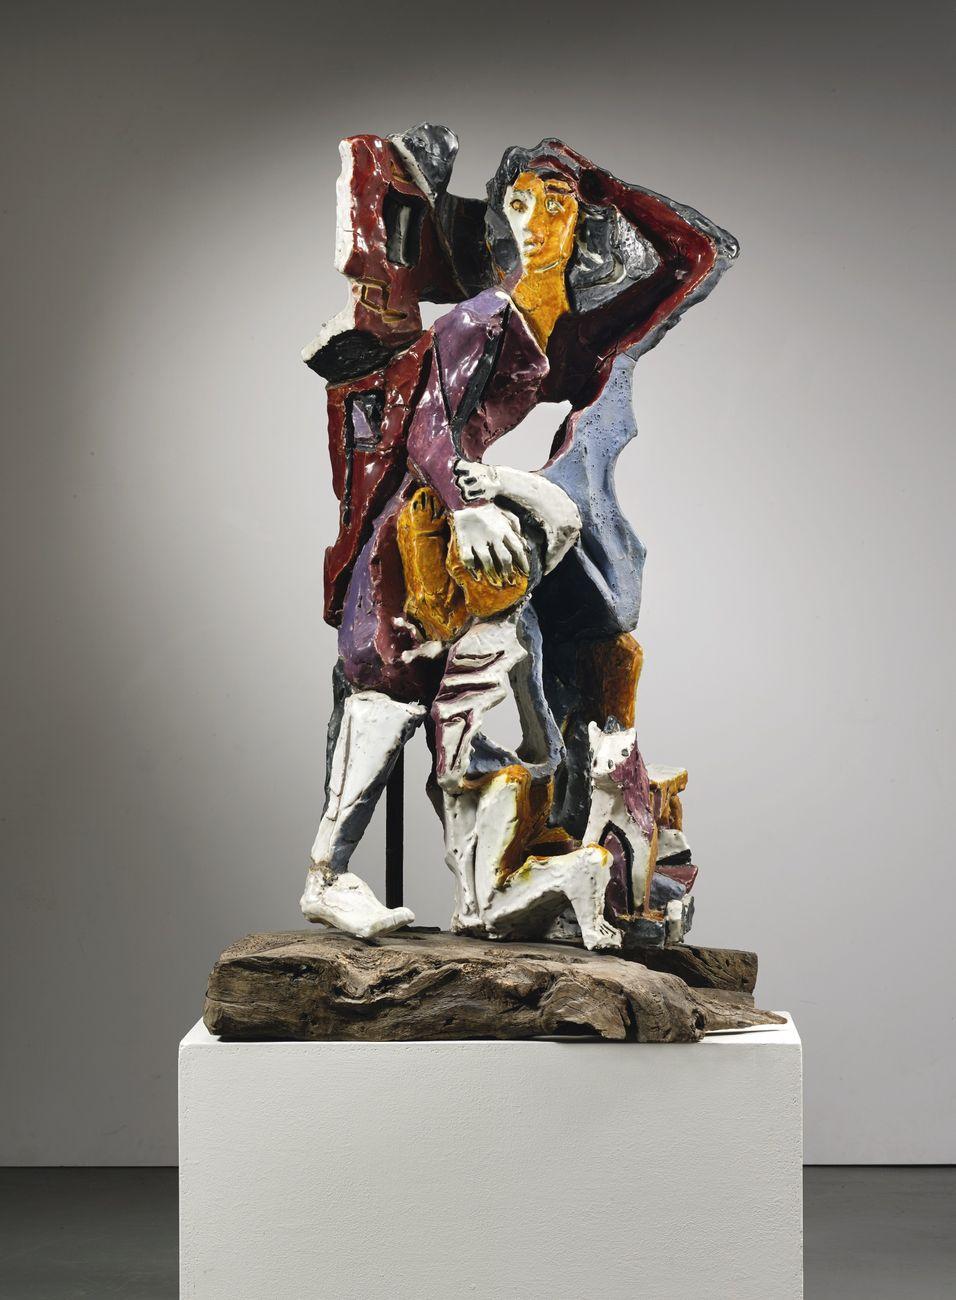 Leoncillo, Senza titolo (Donna con bambino), 1949. Courtesy Sotheby's